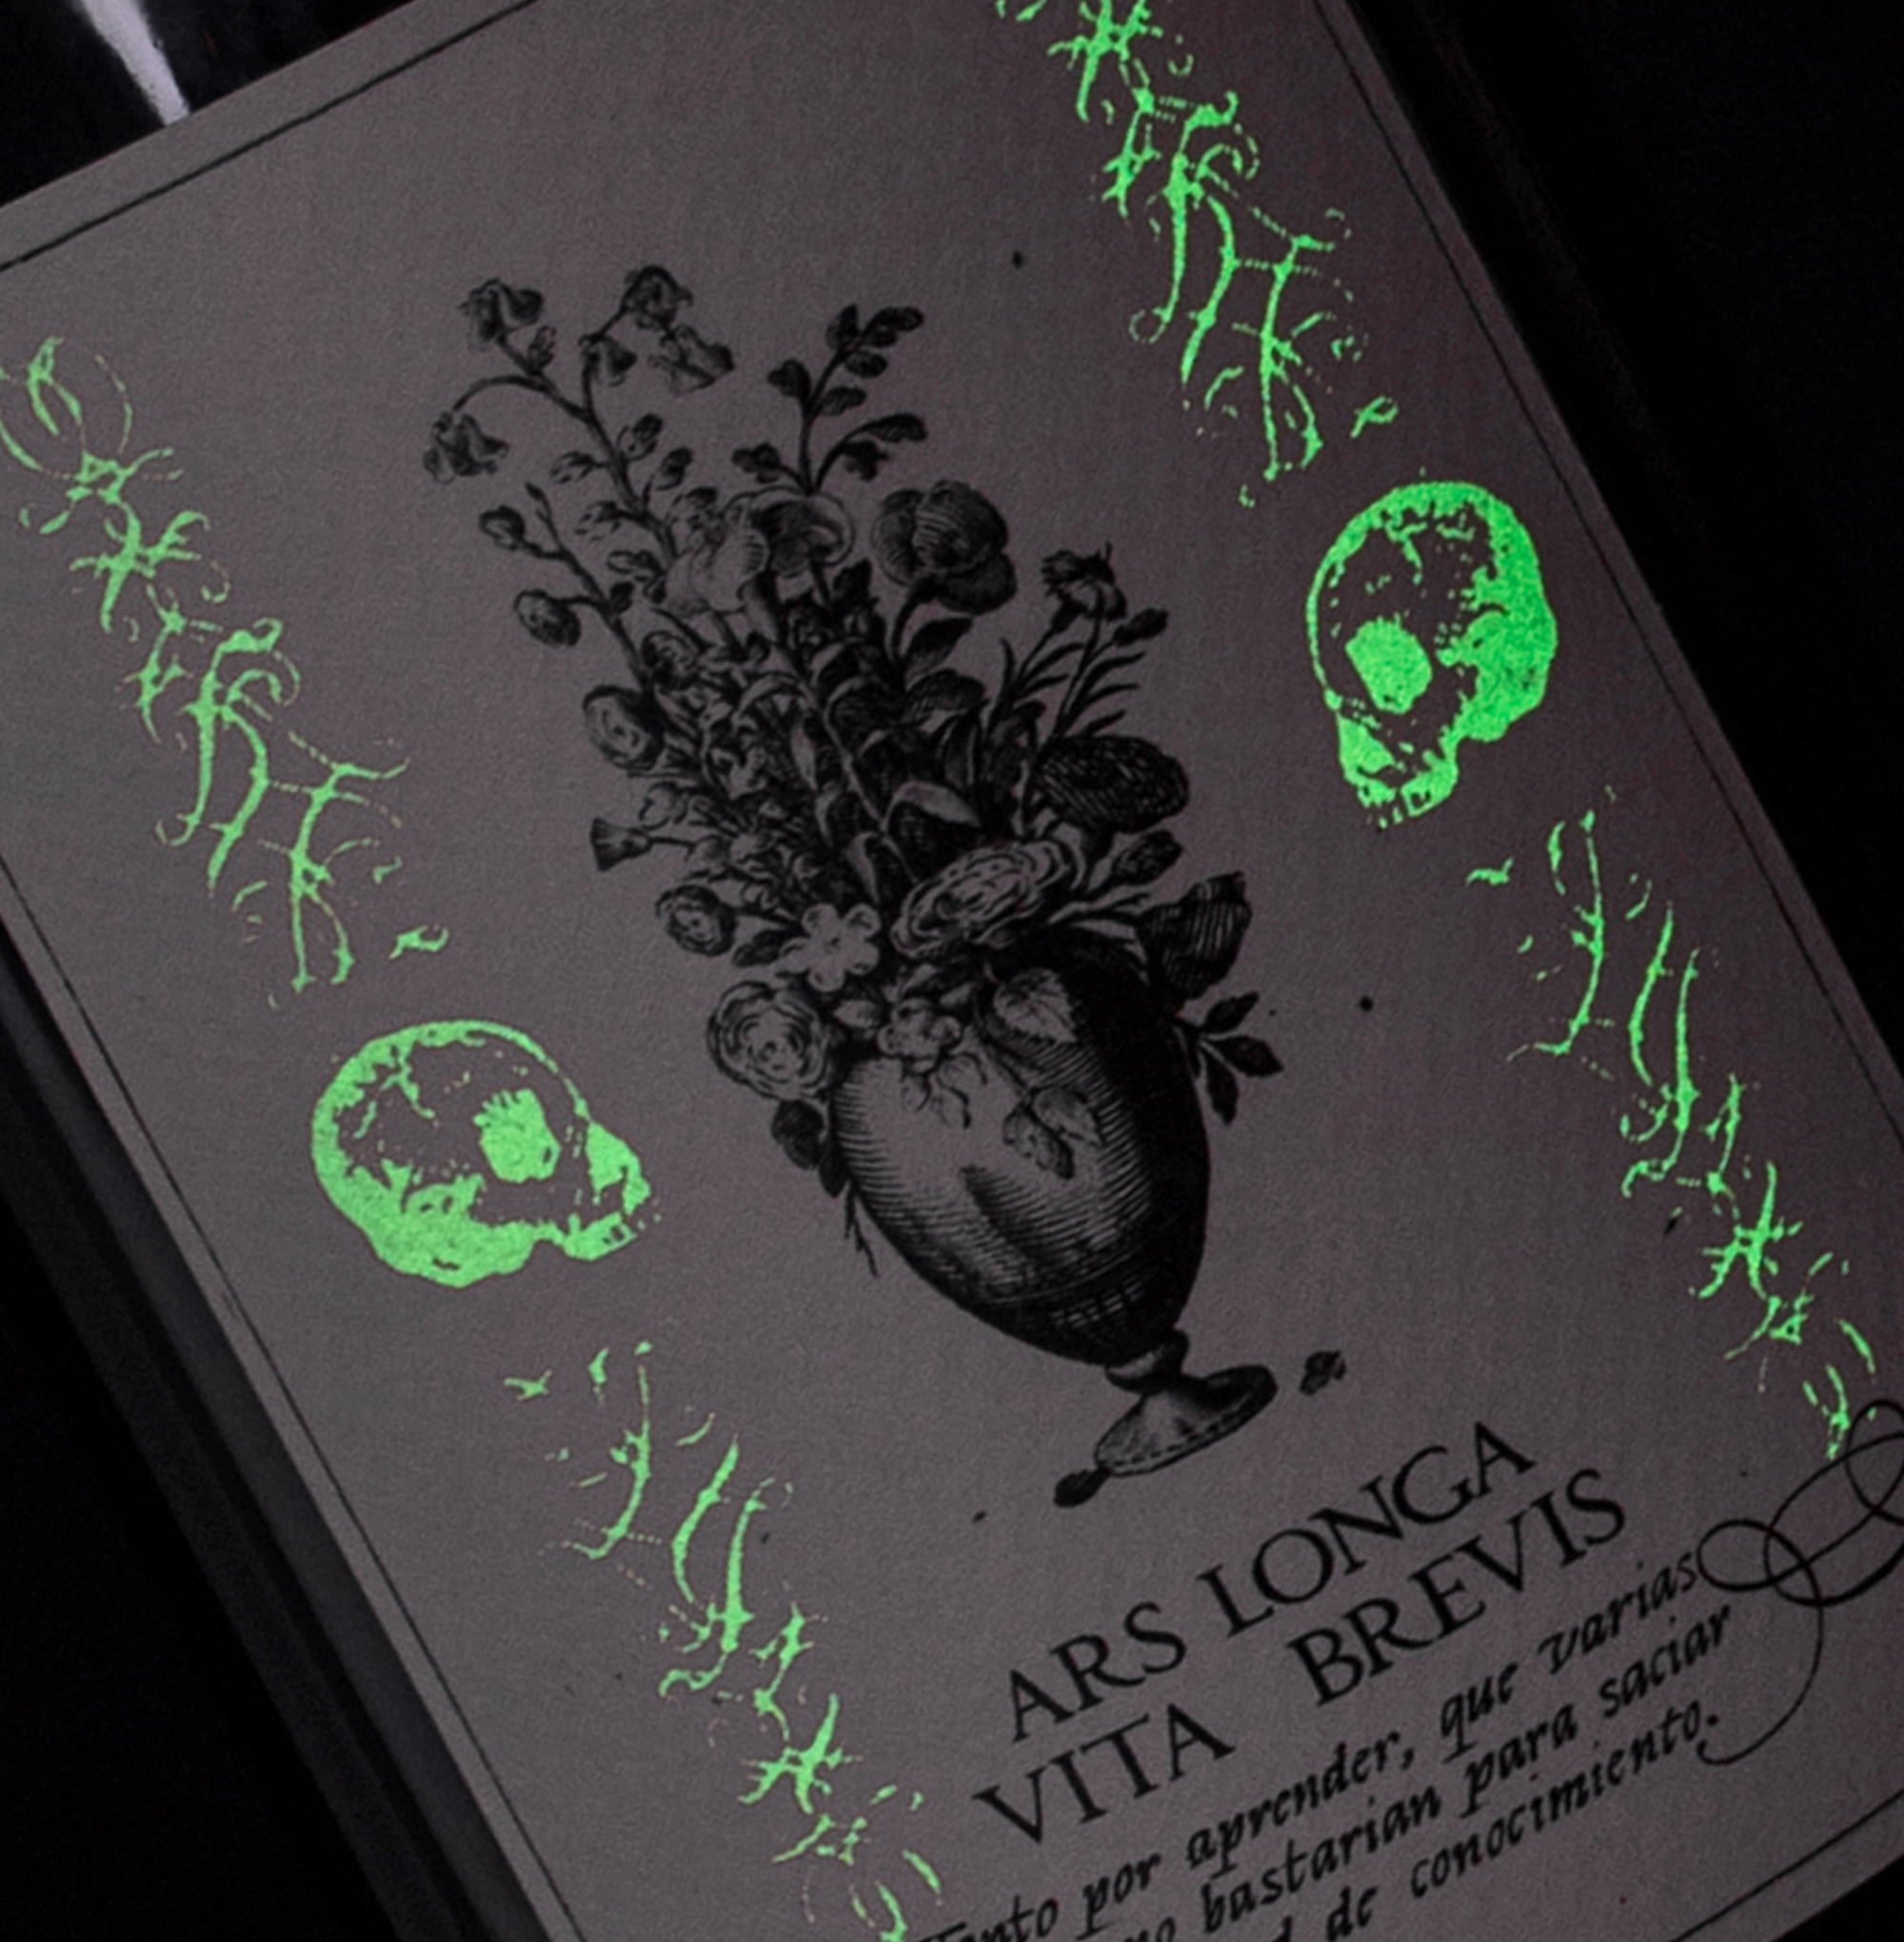 Diseño de etiqueta de vino Ars Longa detalle. 2